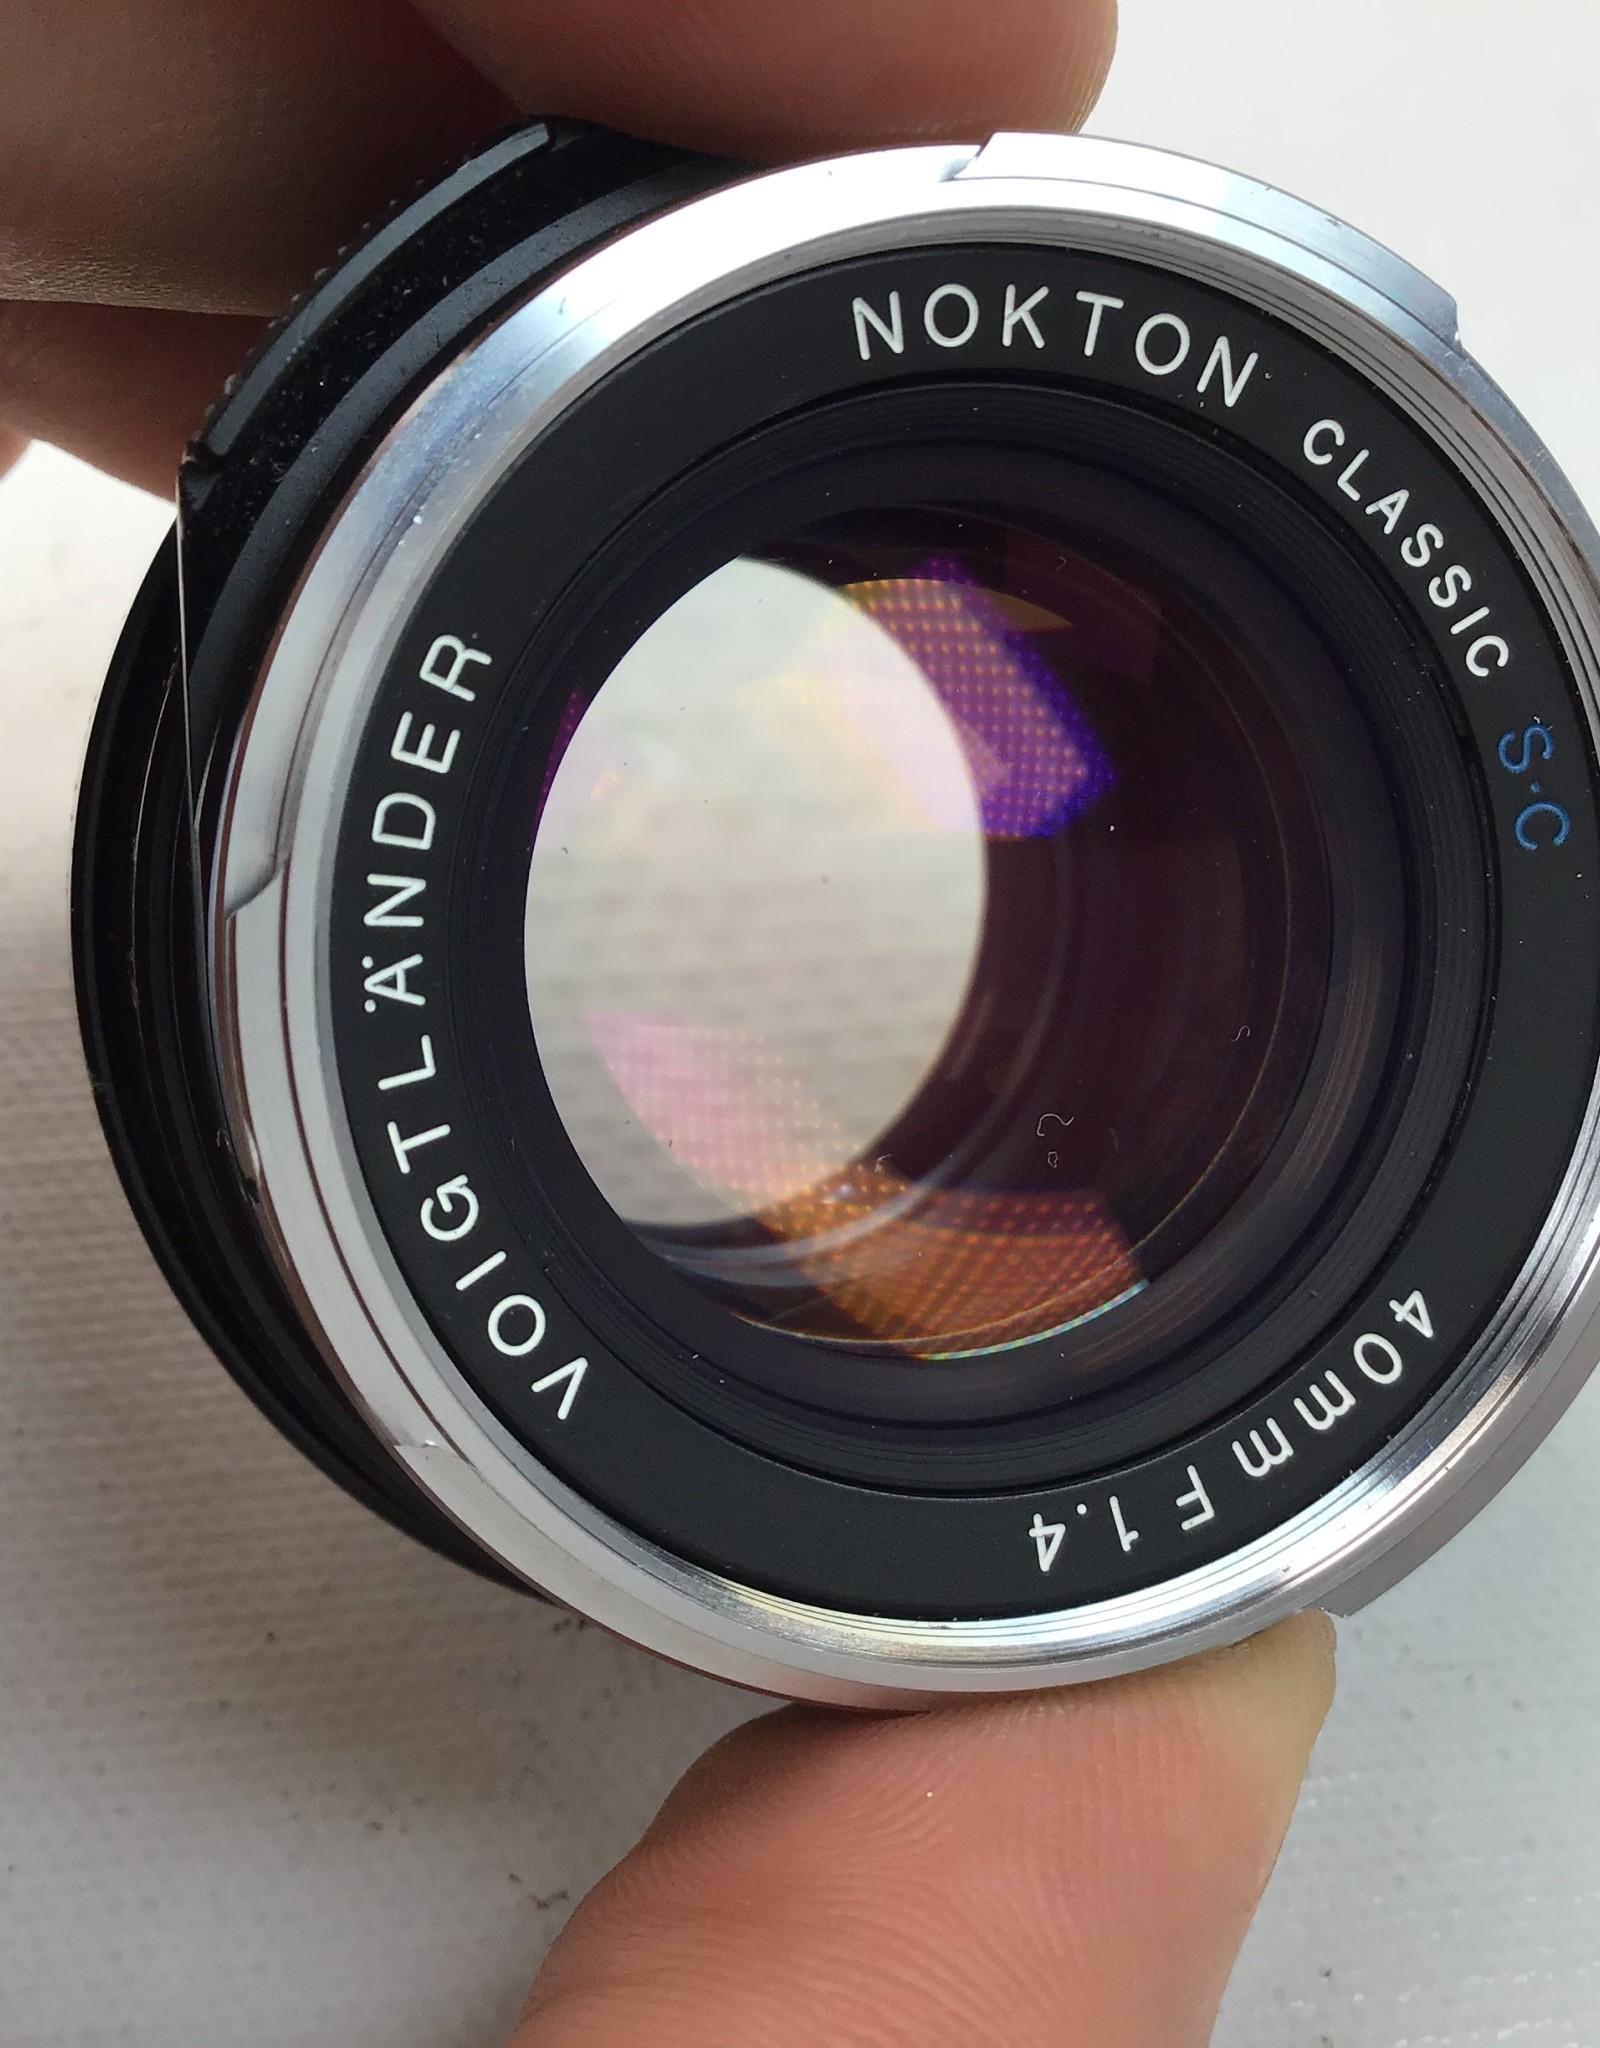 Voigtlander Voigtlander Nokton Classic 40mm f1.4 Leica M Mount Used EX